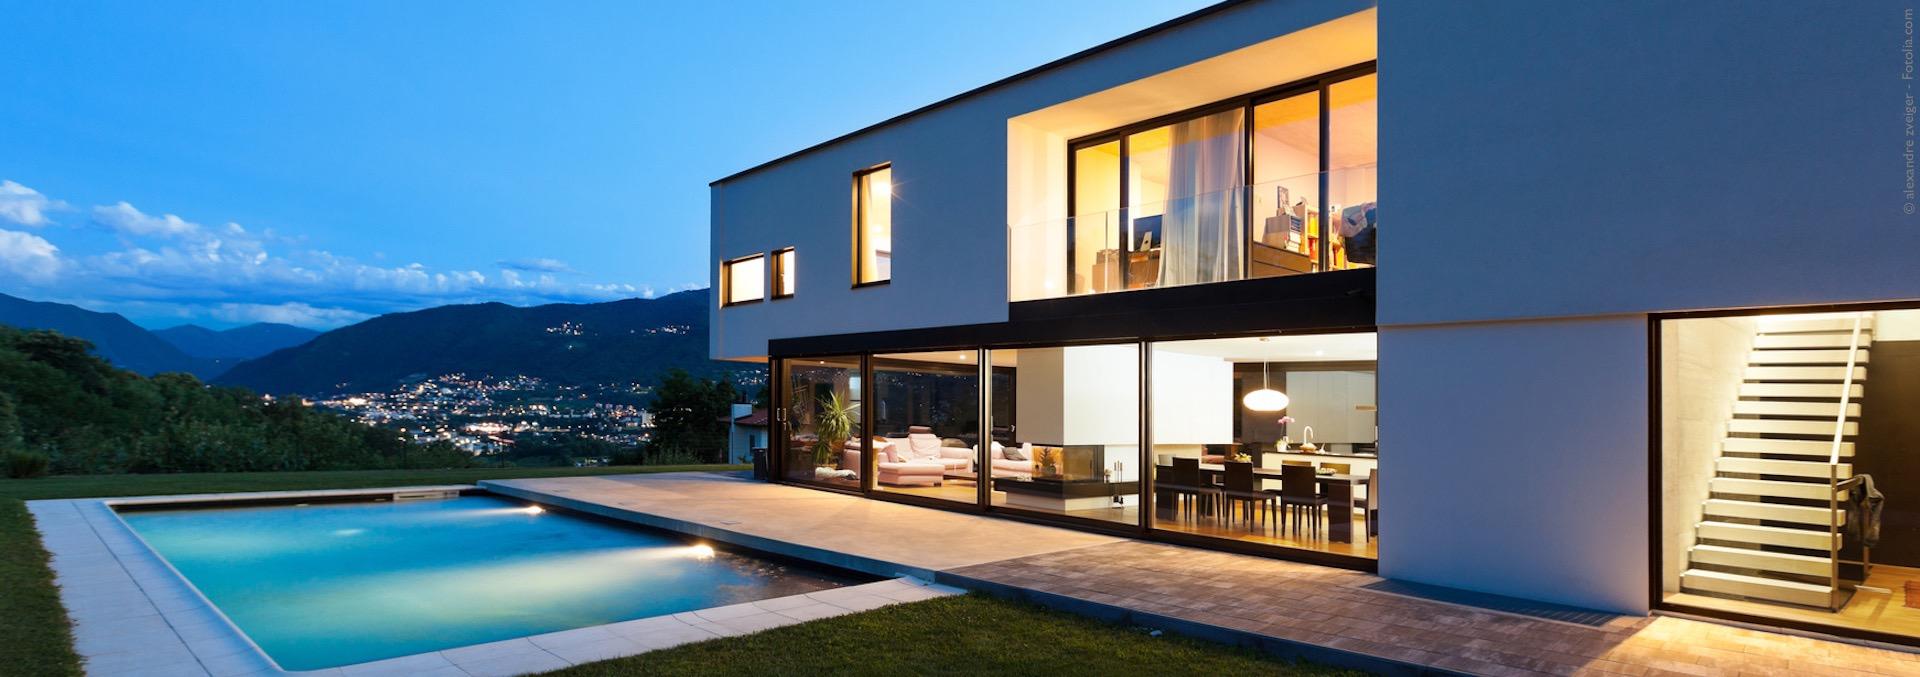 konventioneller hausbau. Black Bedroom Furniture Sets. Home Design Ideas